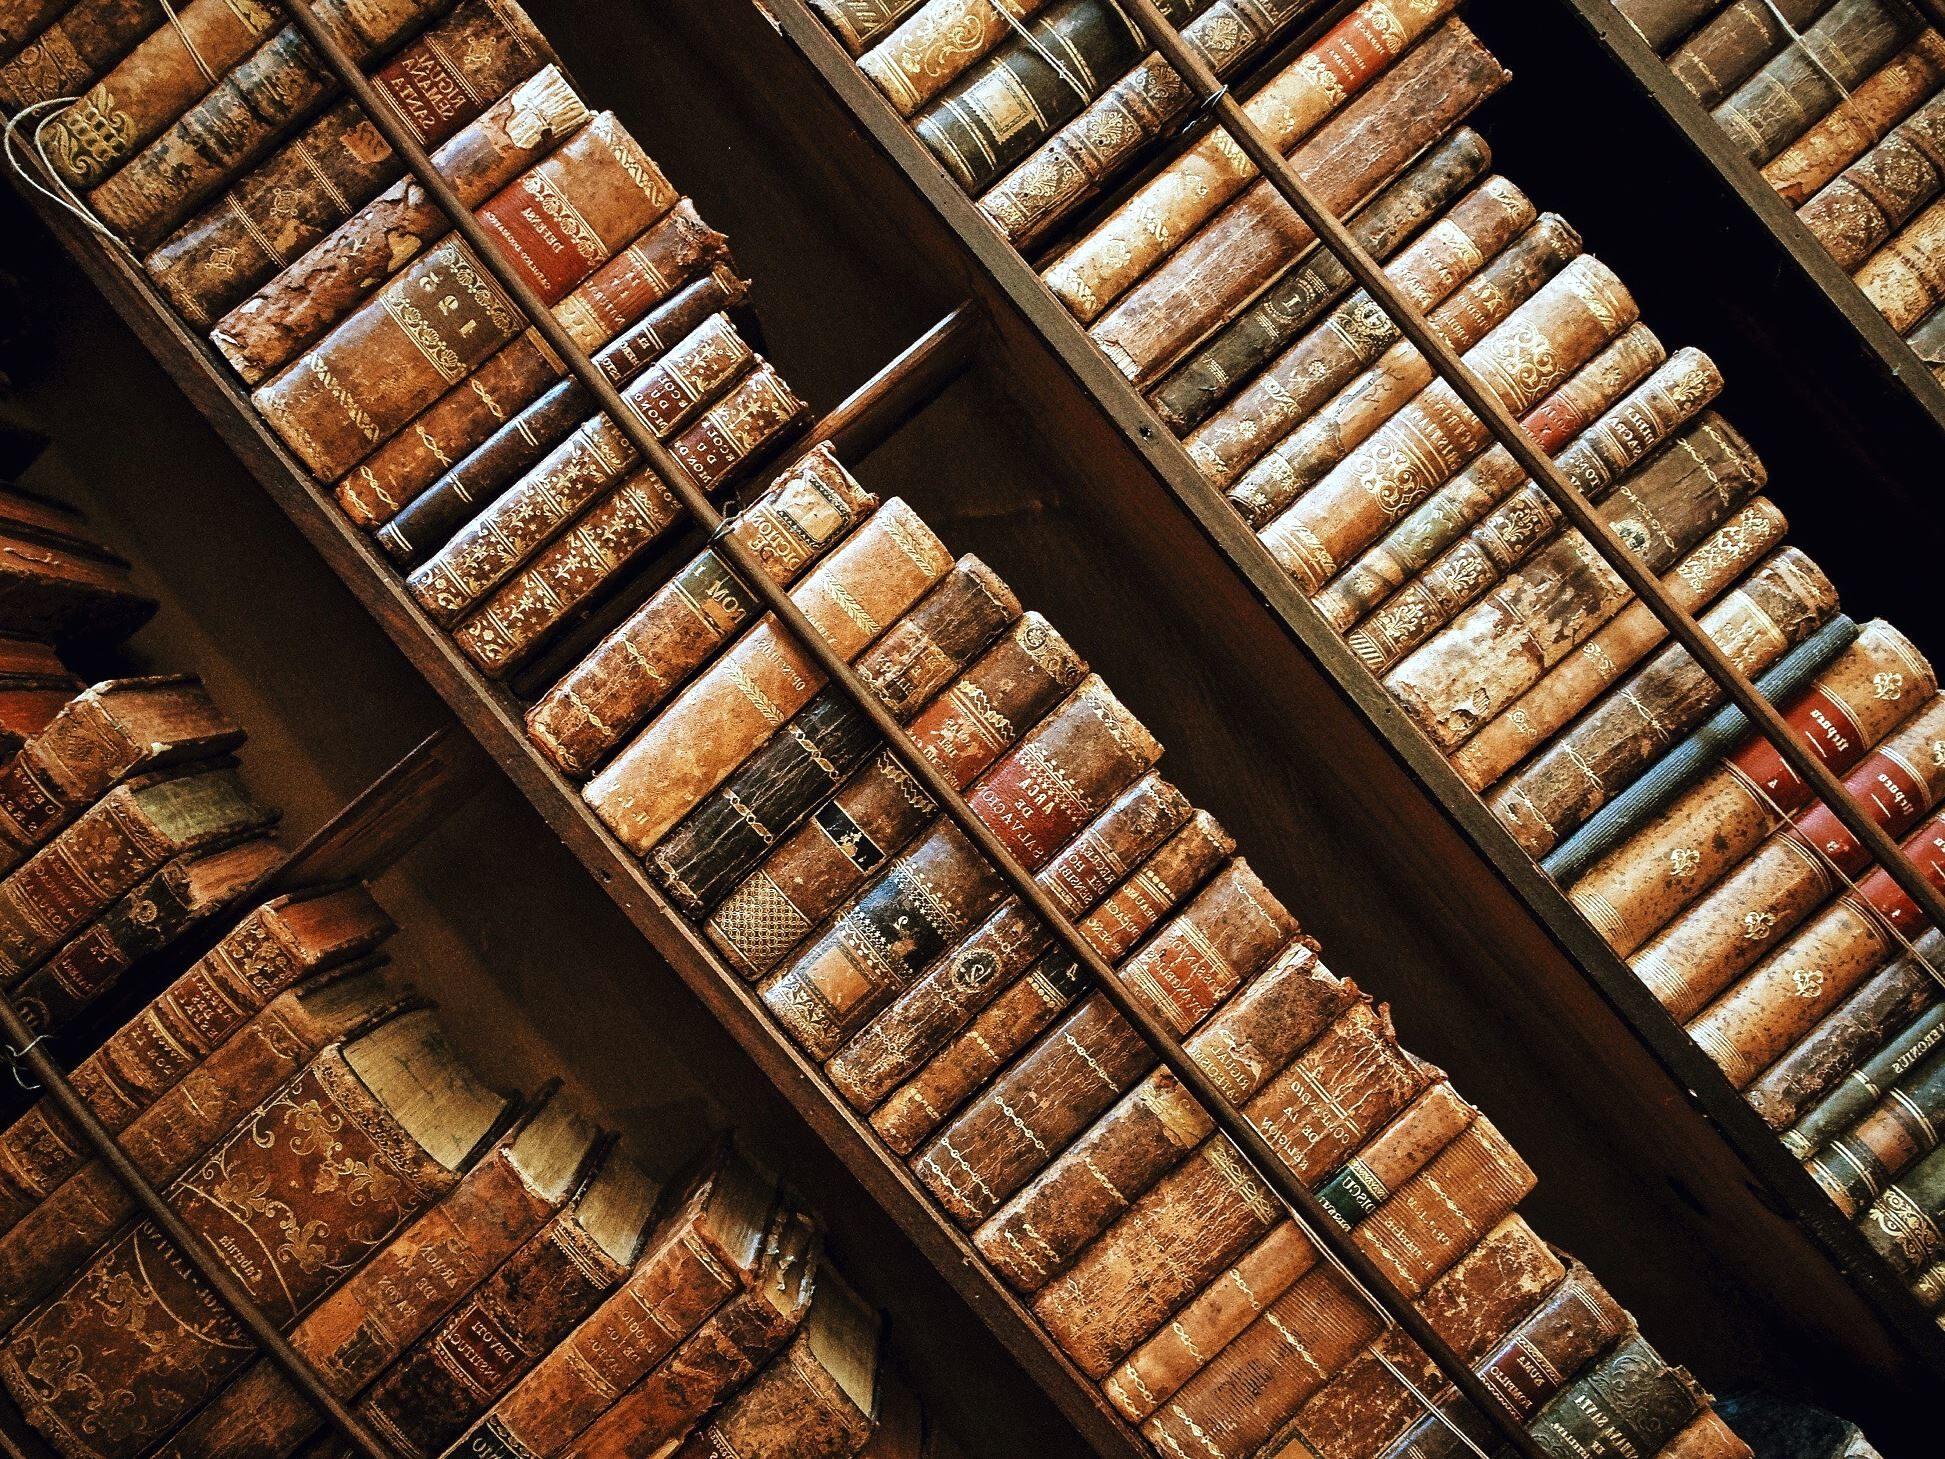 de la biblioteca libros antiguos estantera